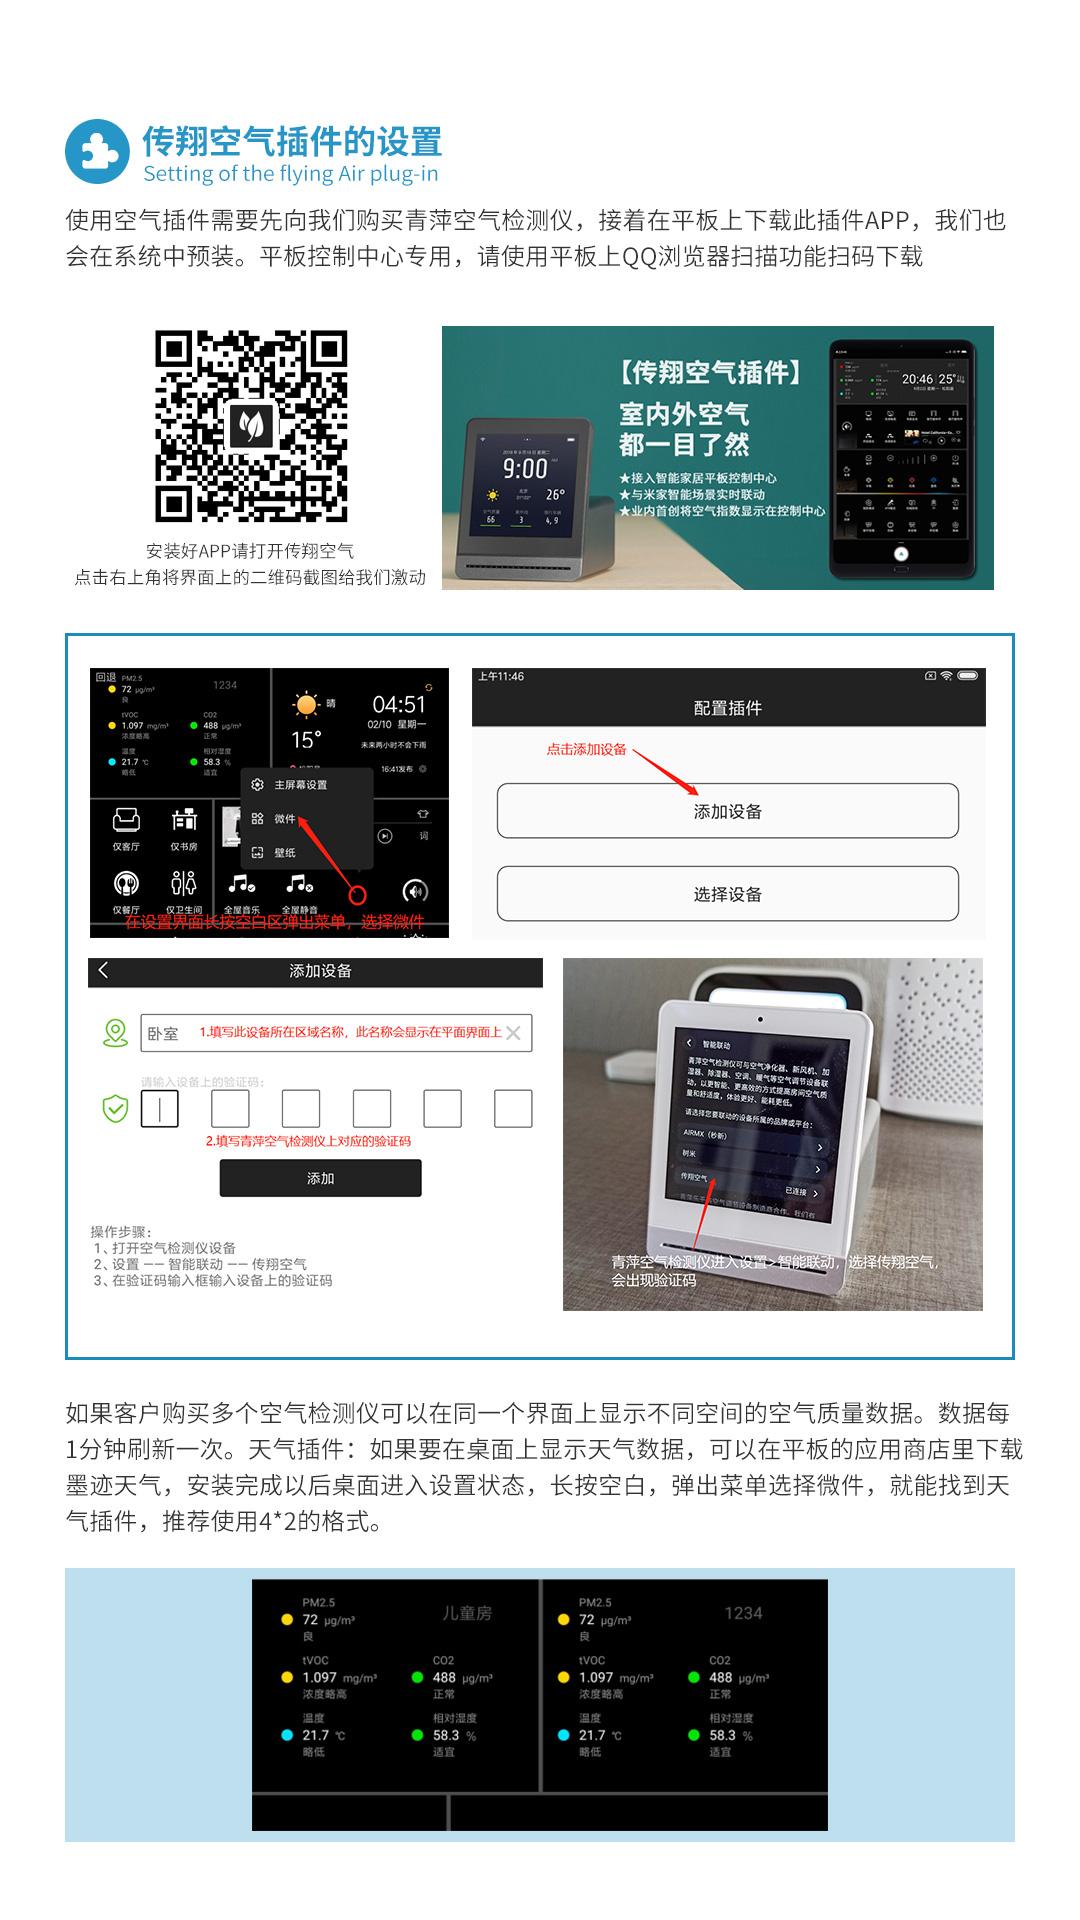 传翔智家系统2020版使用说明书第五页1080x1920.jpg